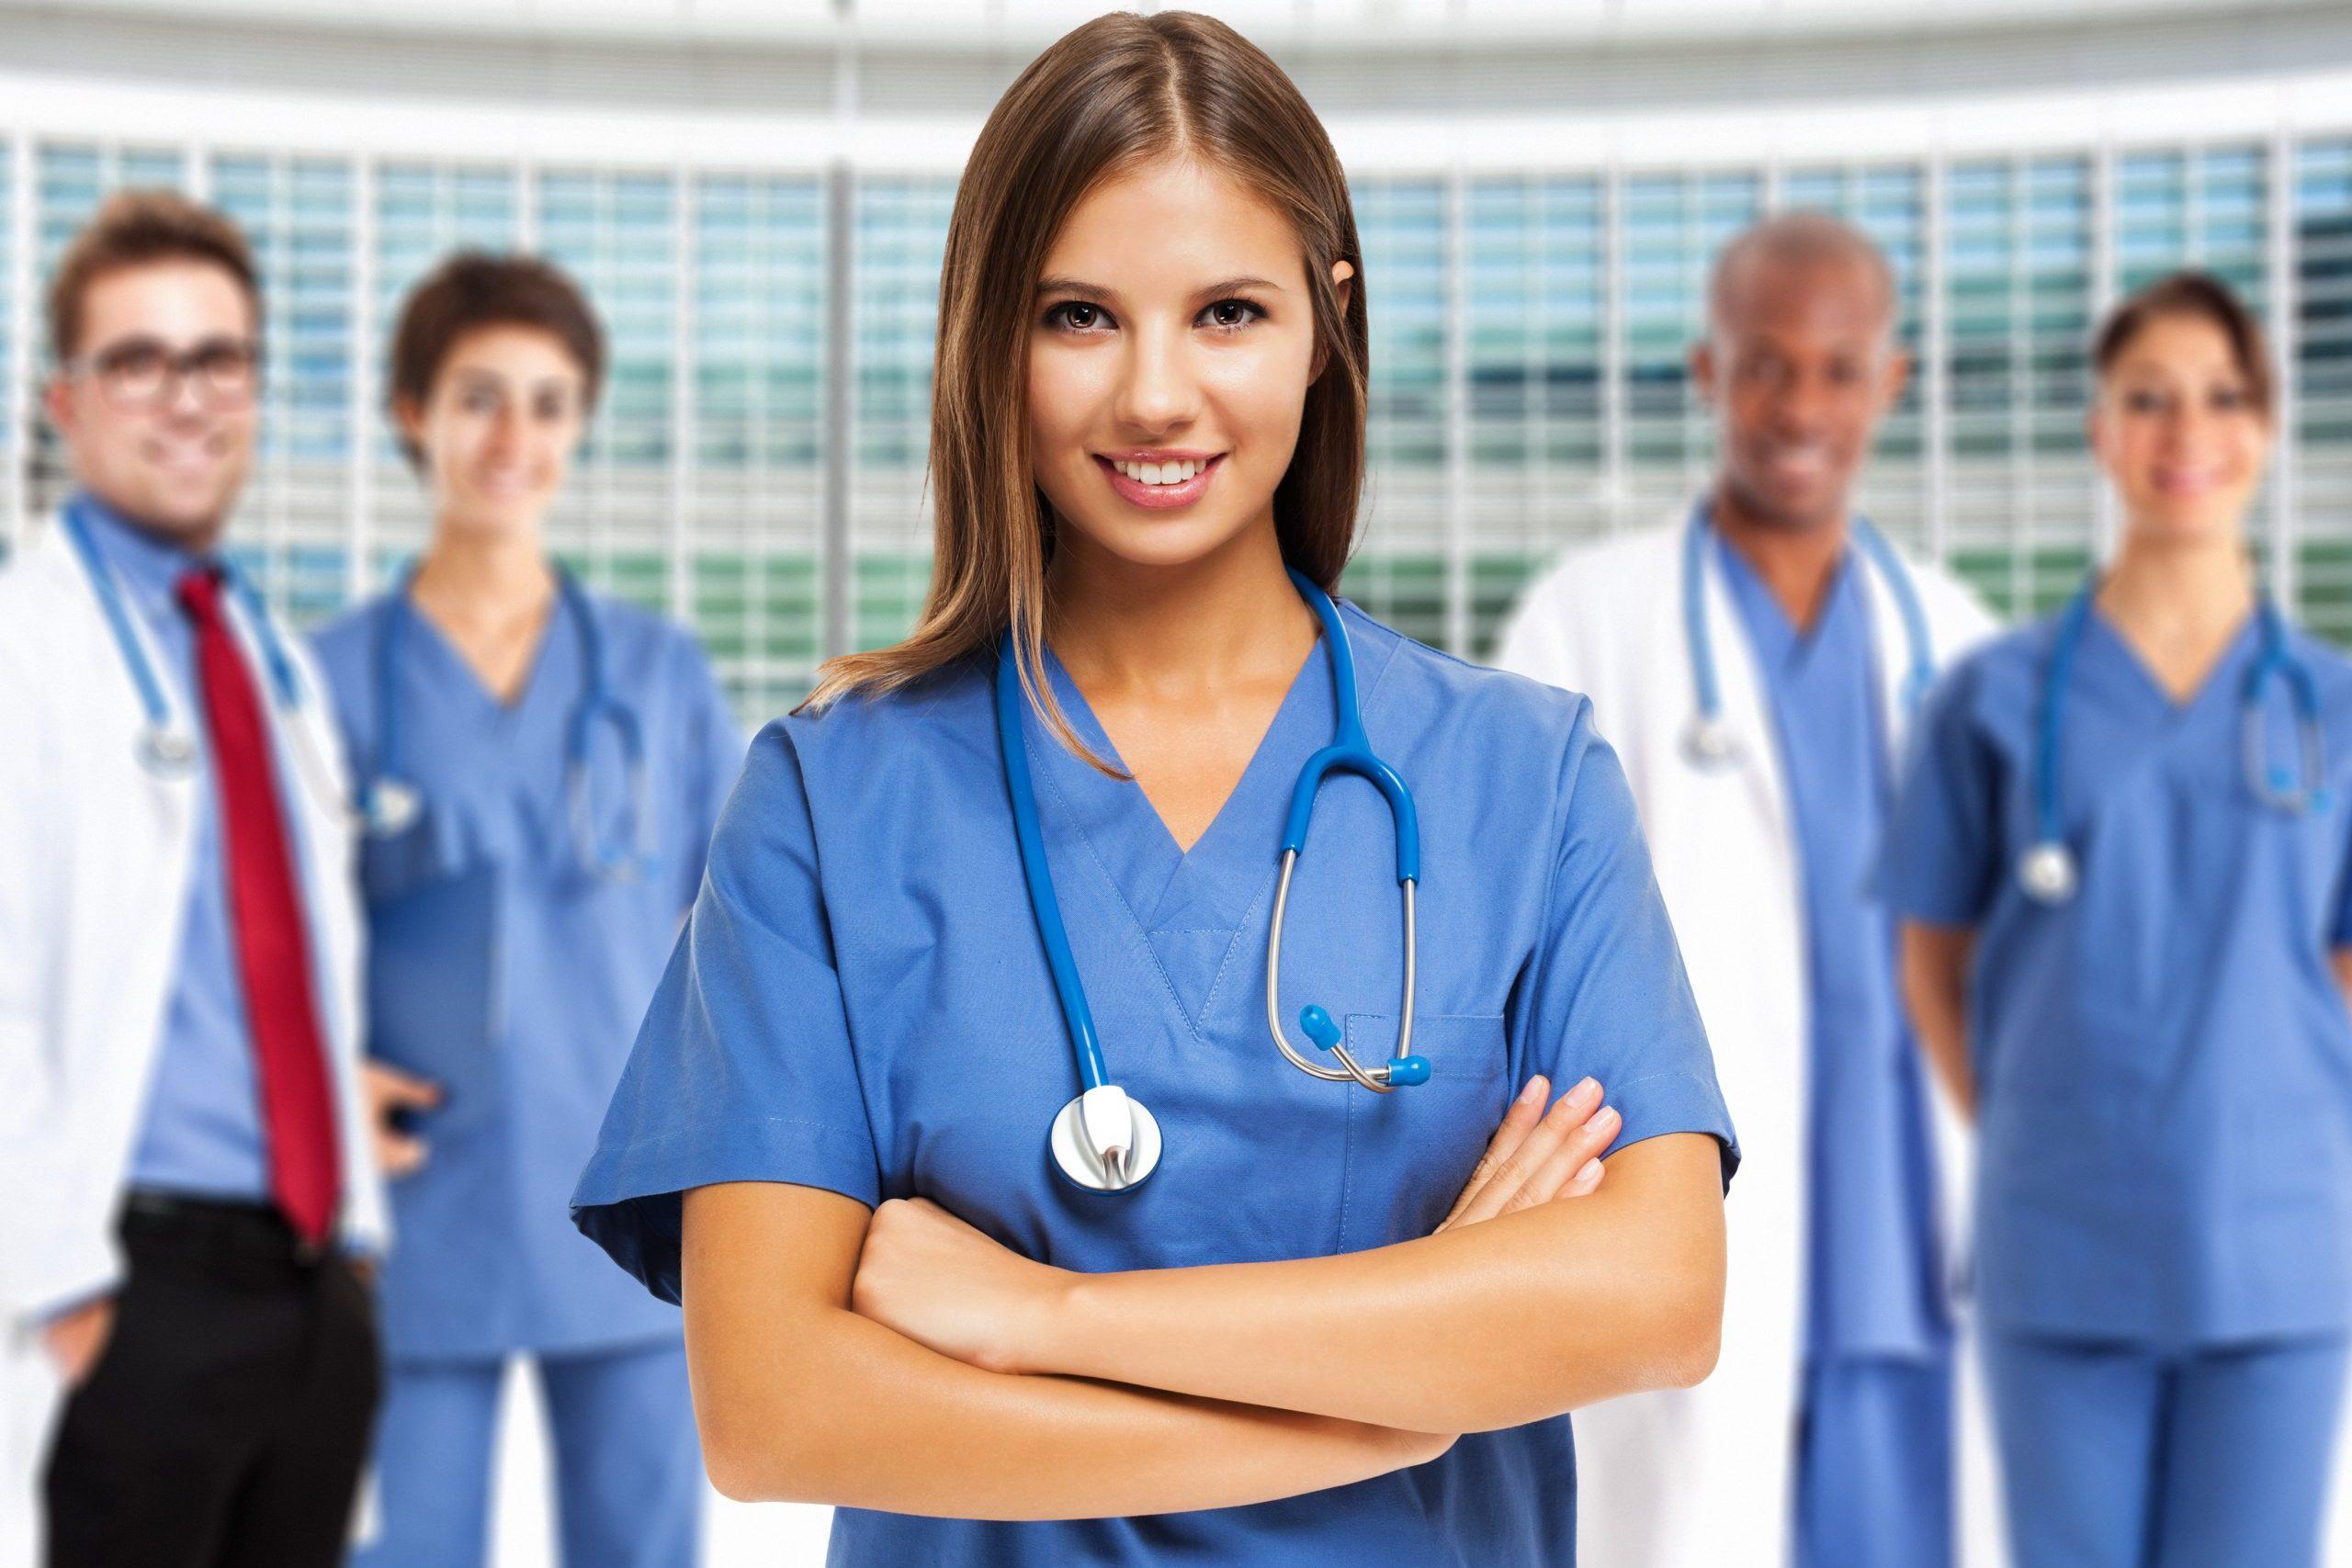 rmda-ss-healthcare-industry-doctors.2560.1724